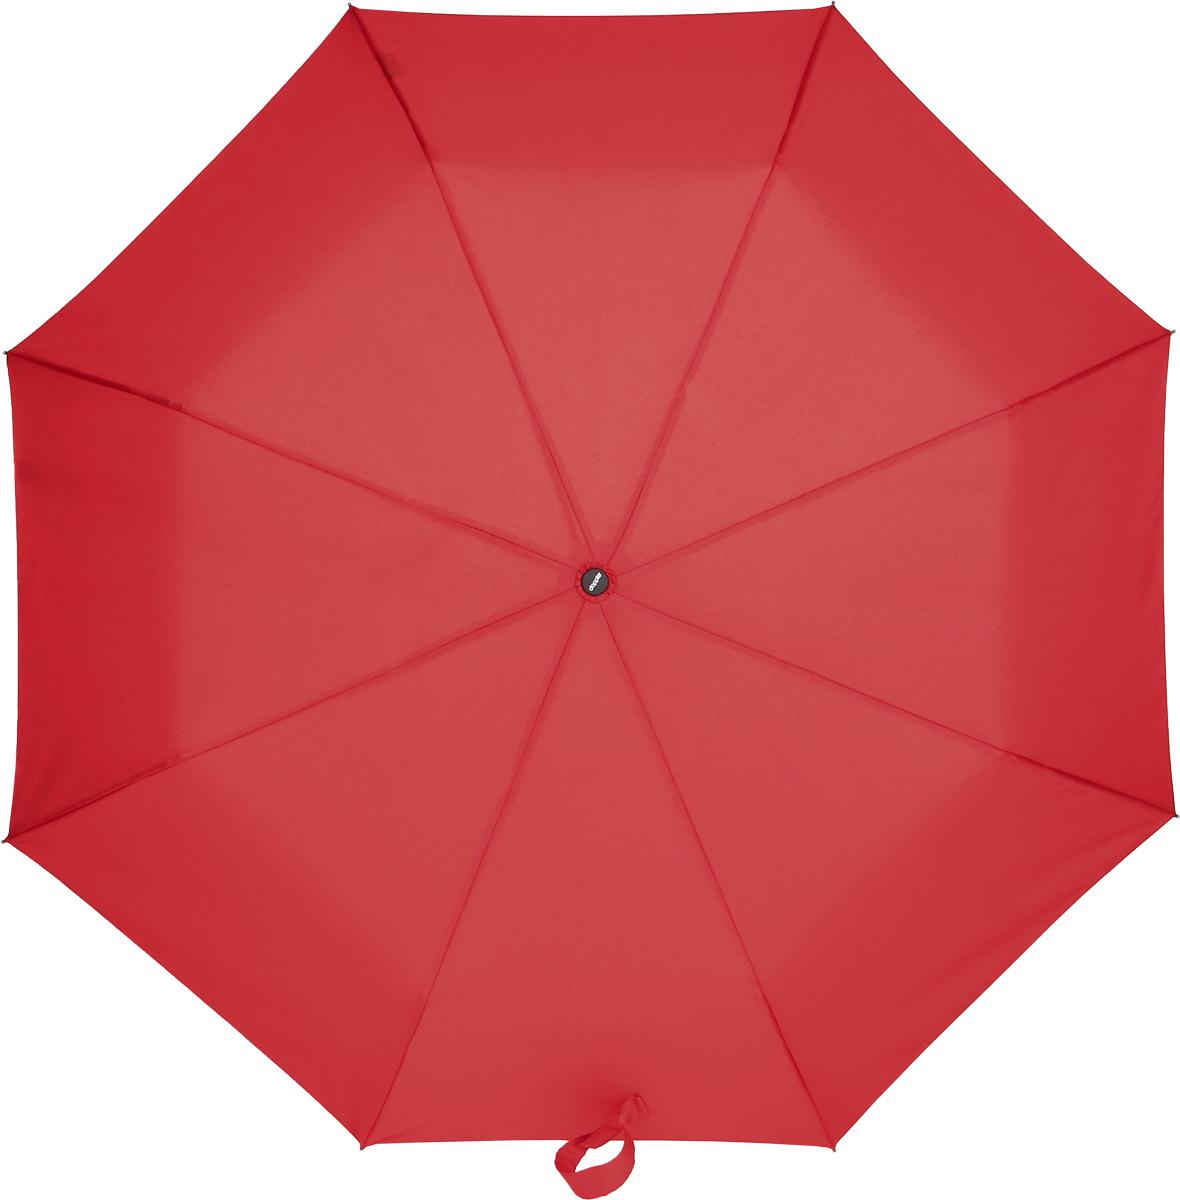 Зонт женский Doppler, цвет: красный. 744146303 зонт трость женский doppler цвет красный 714765l